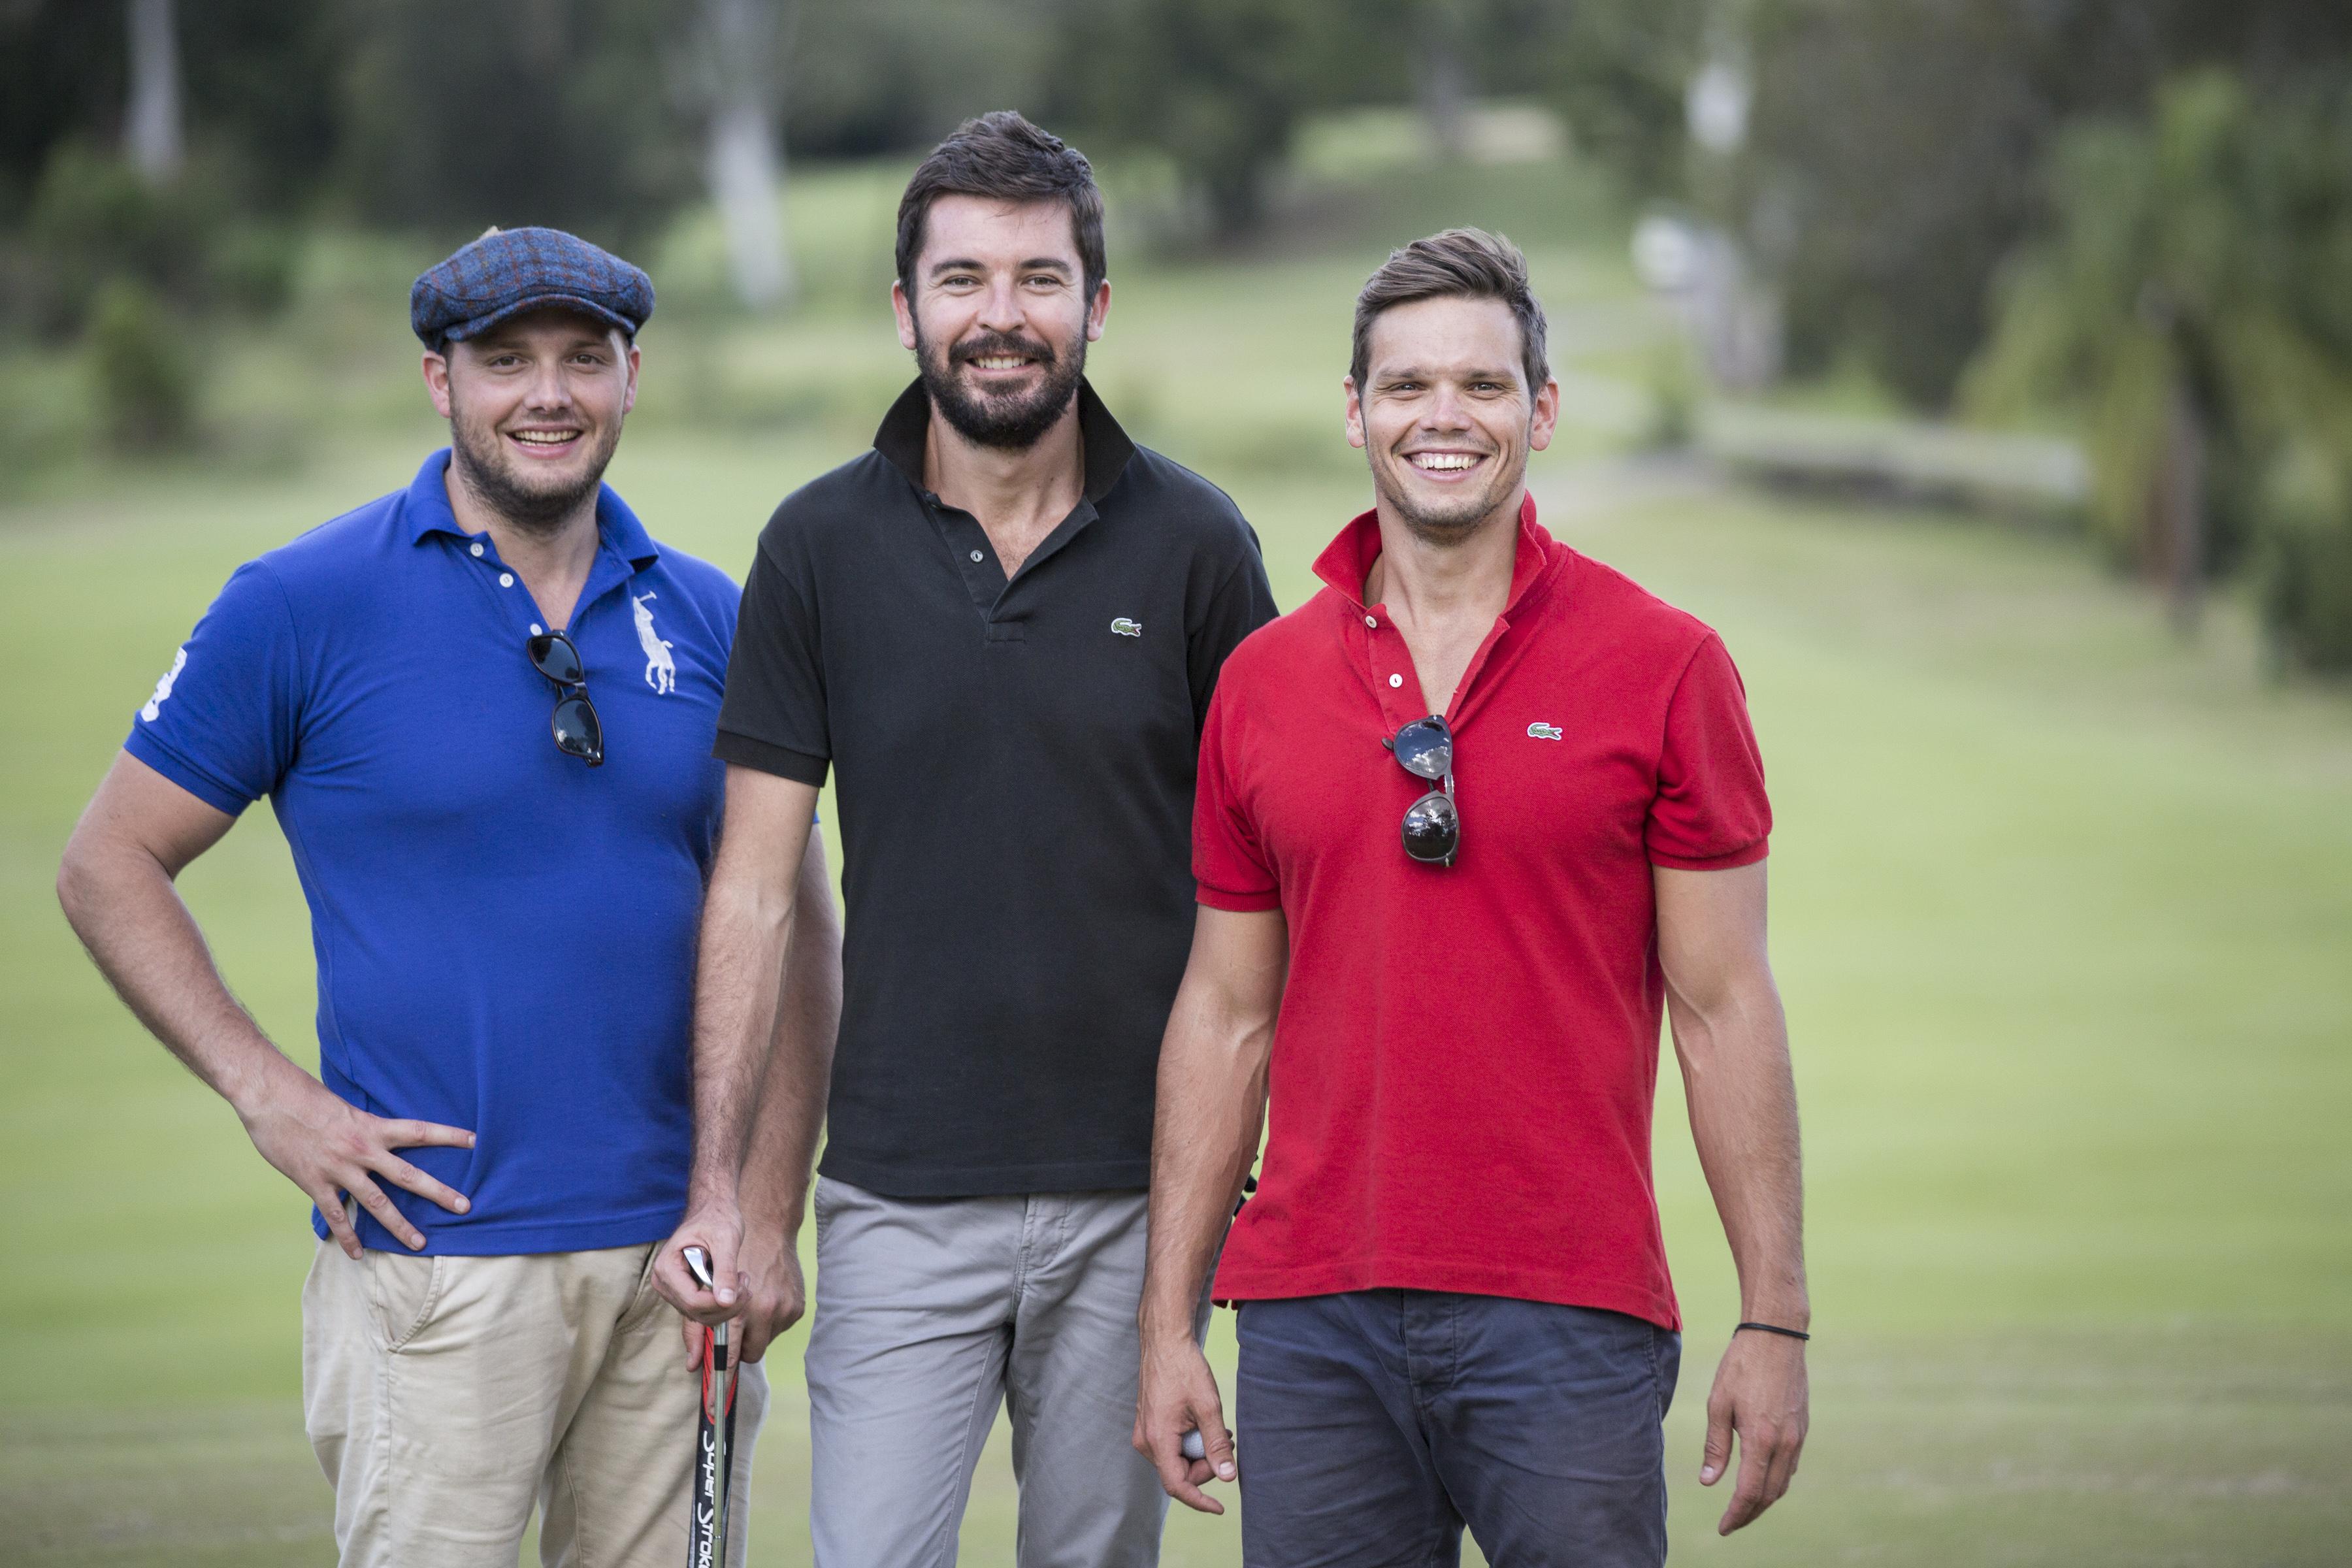 Puntaa founders Jordan Oudejans, Nick Heaney and Damon Oudejans